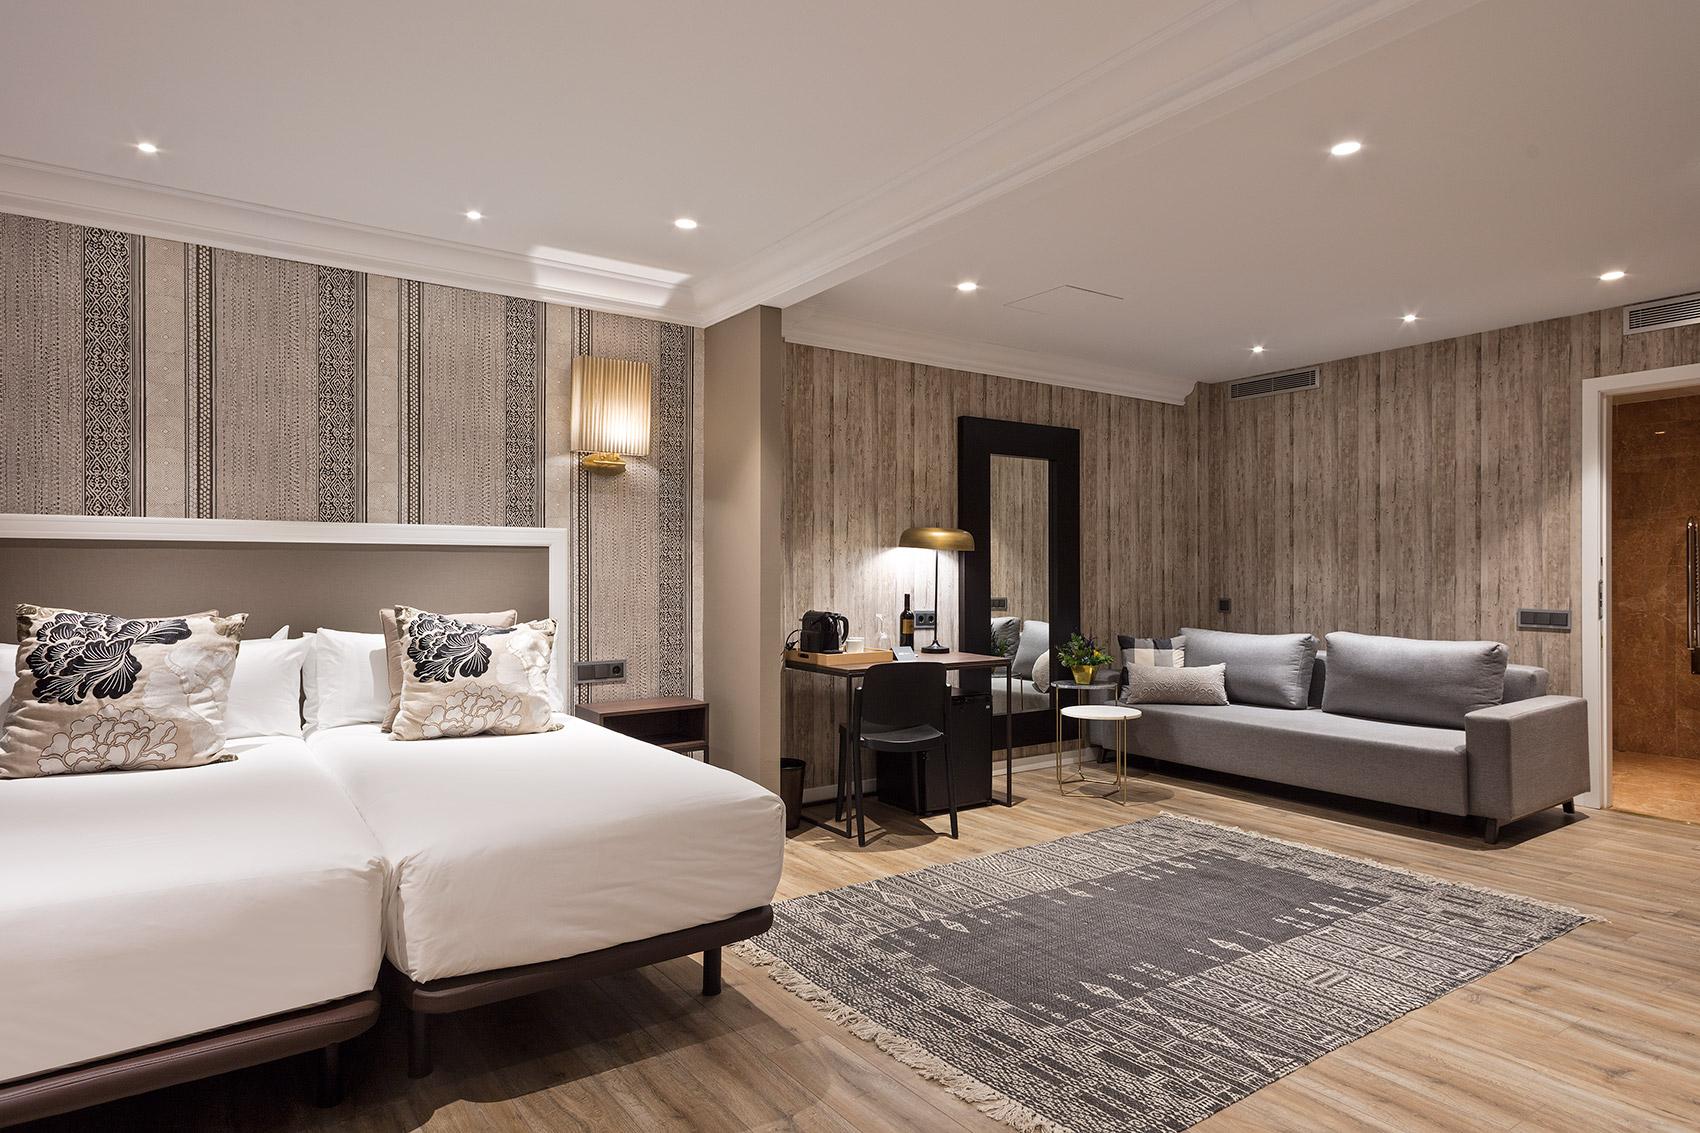 HOTEL_ACTA_SPLENDID_QUINTUPLE_03